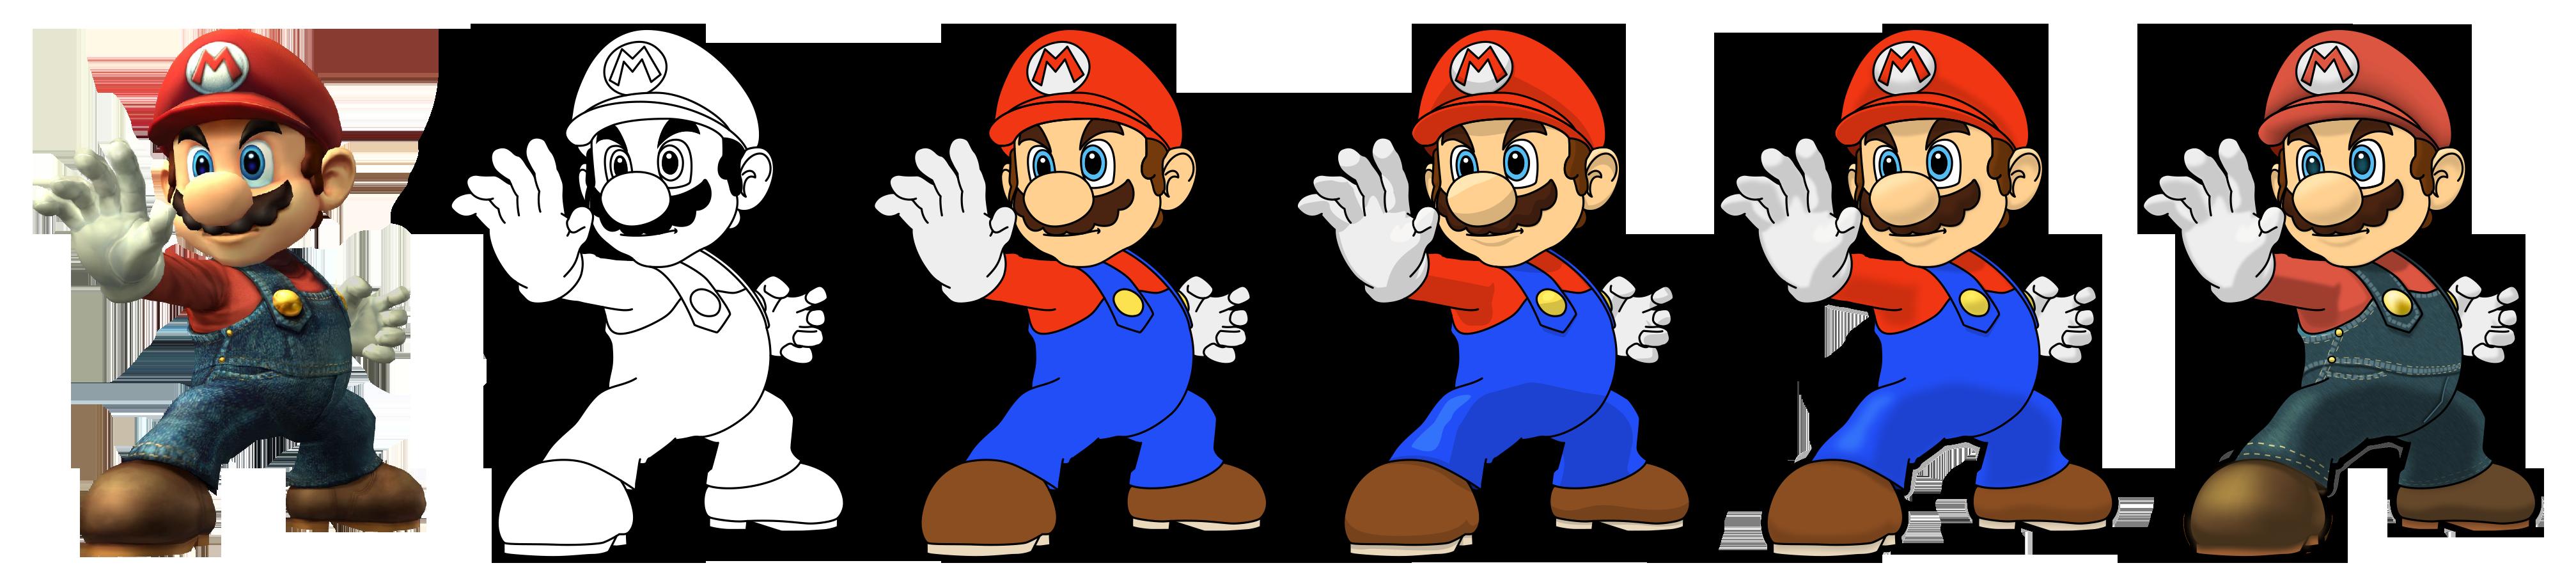 How To Draw Mario Ssbb